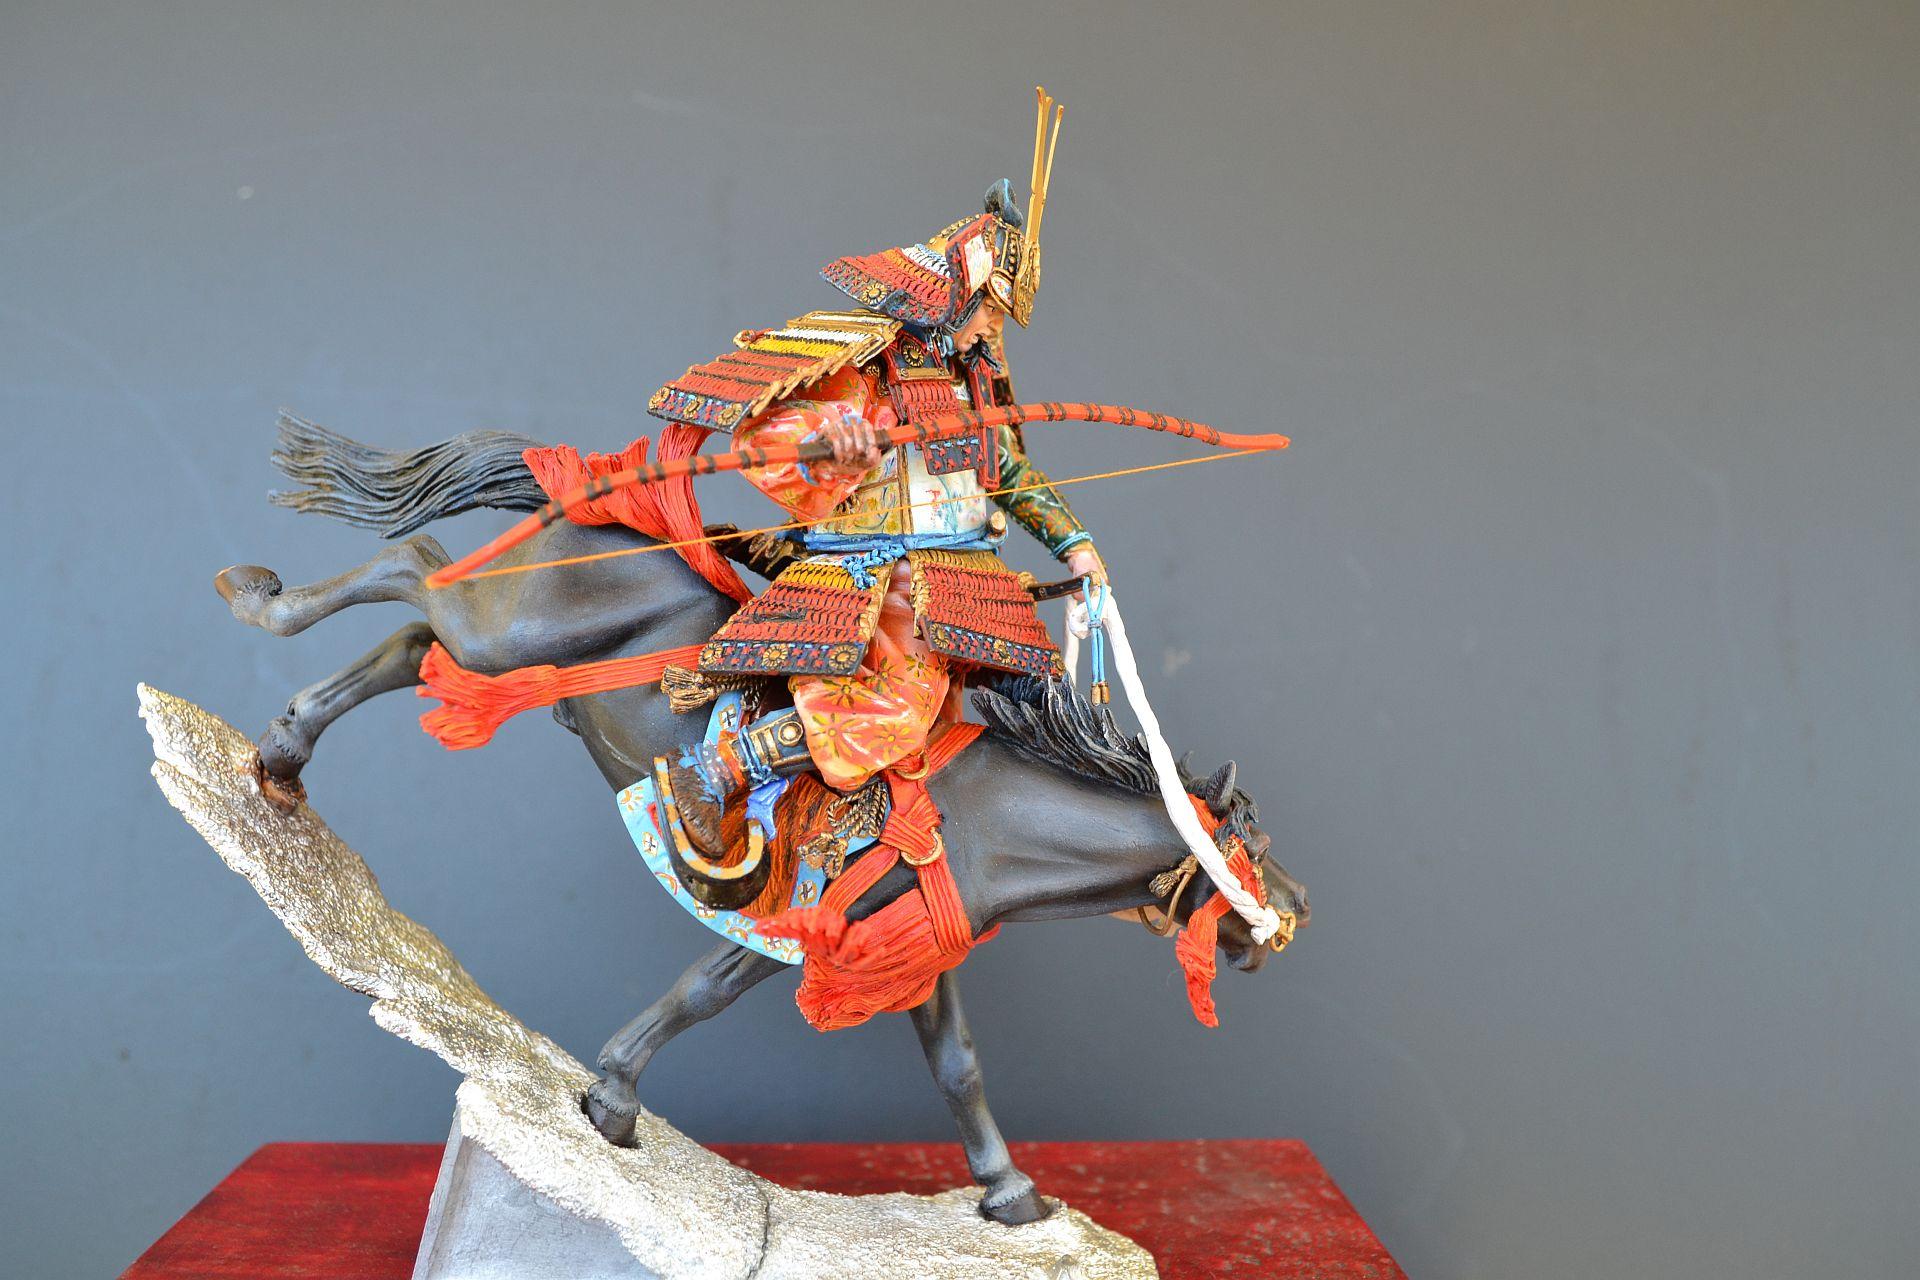 figurine pegaso - samouraï 90 mm - Page 3 160824023717108554